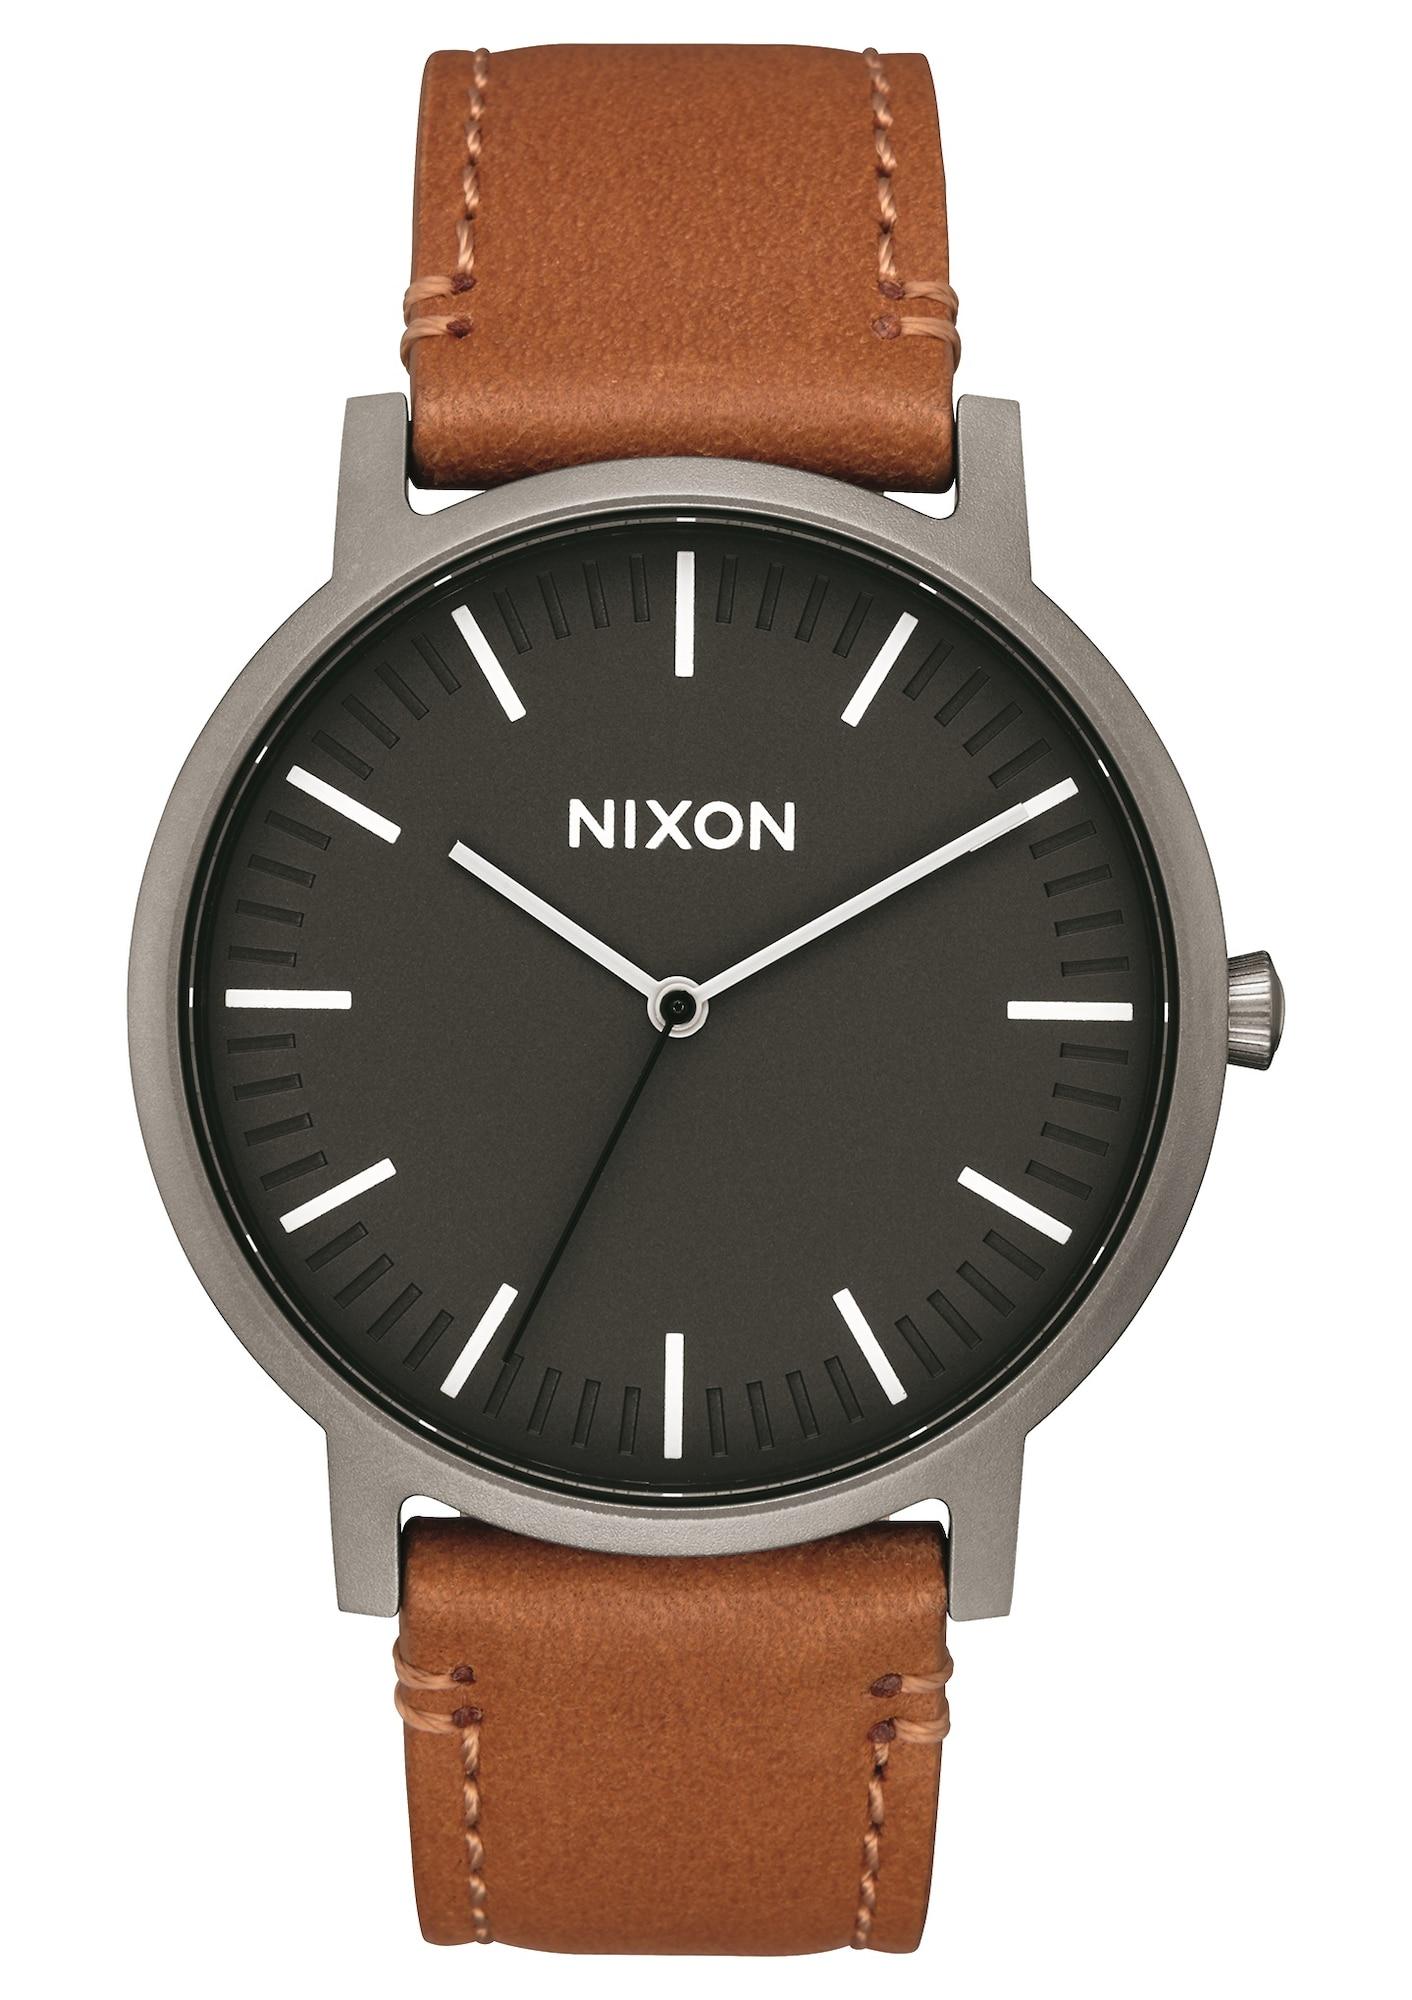 Analogové hodinky Porter Leather hnědá antracitová černá Nixon